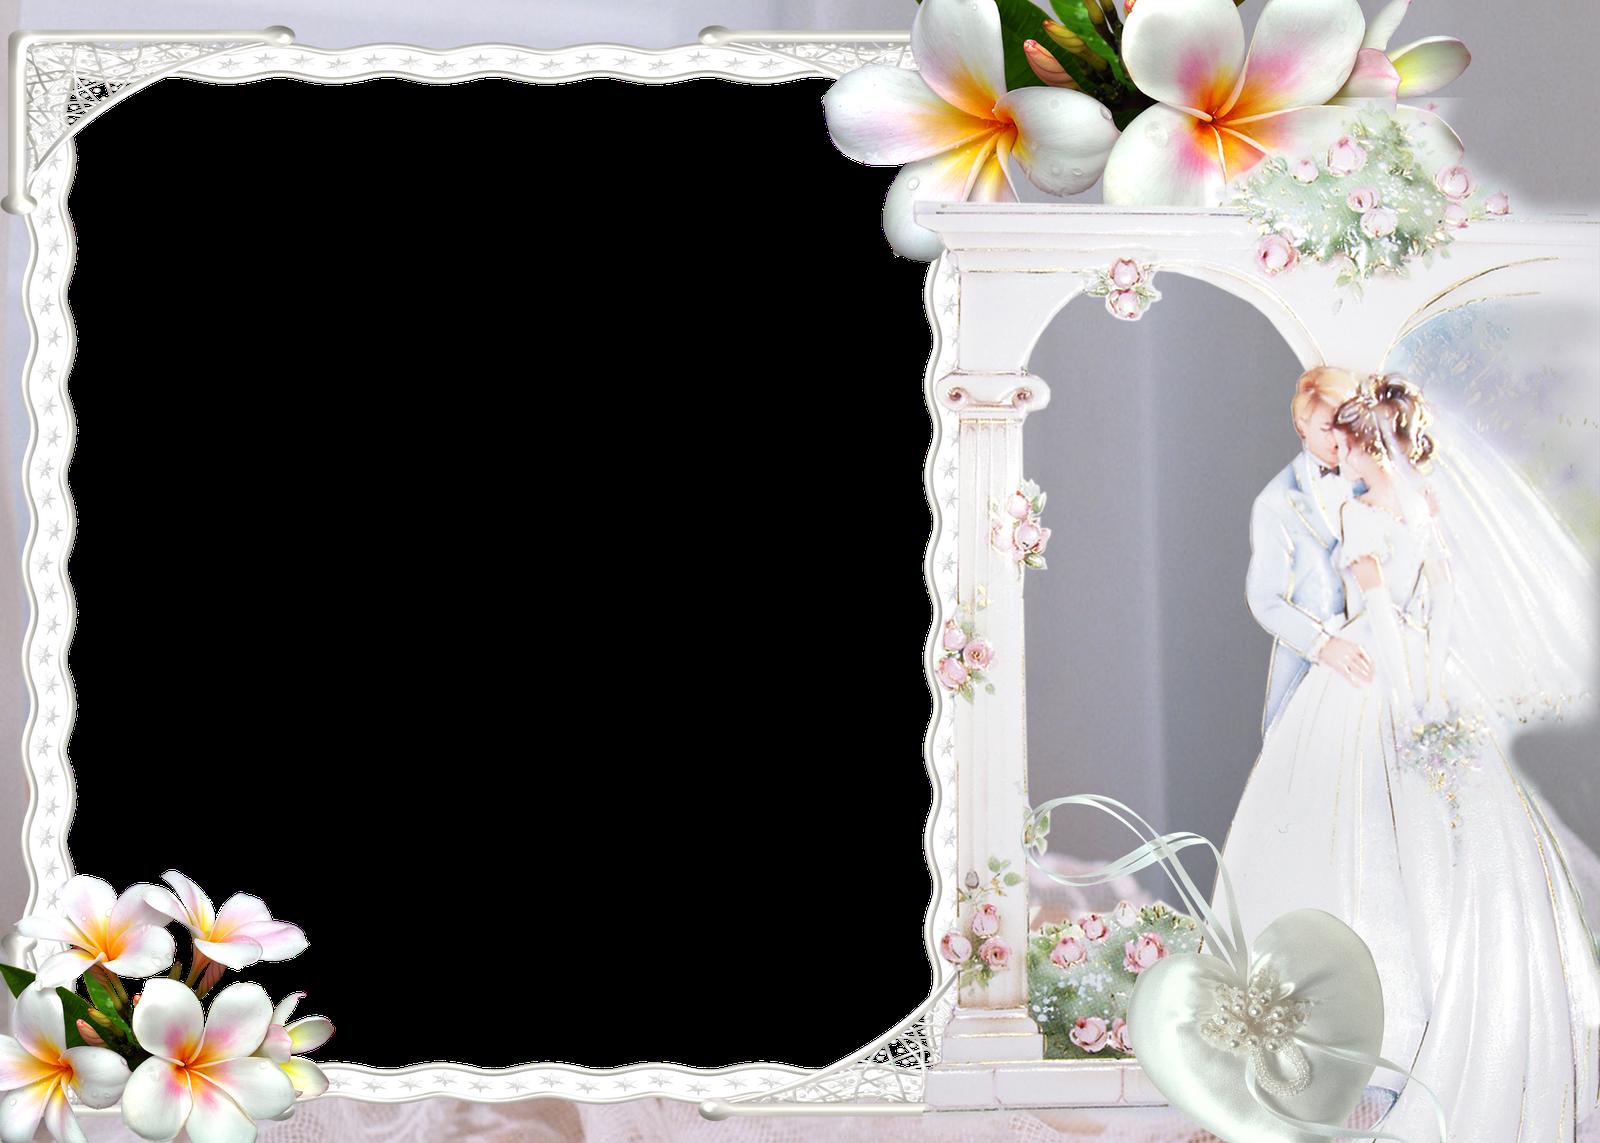 Free photoshop frame templates izmirmasajfo